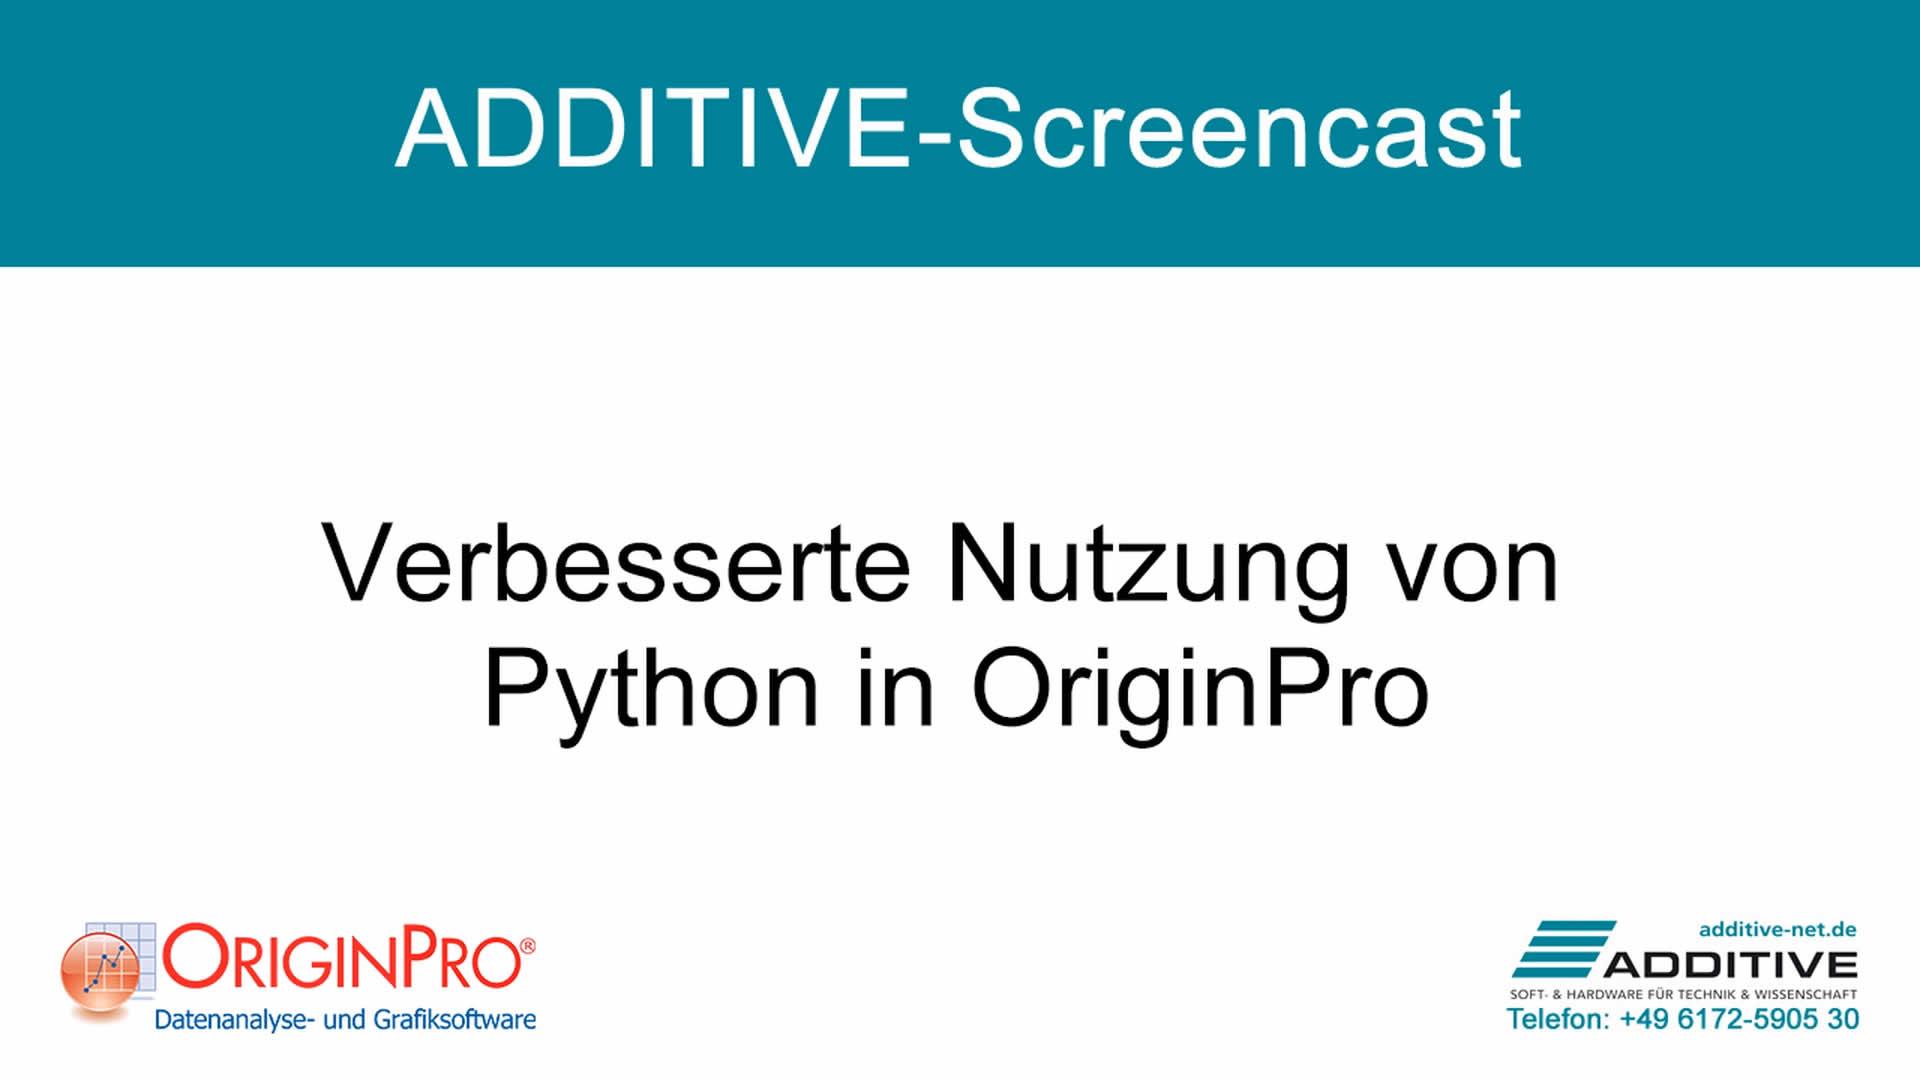 Verbesserte Verwendung von Python in OriginPro 2021